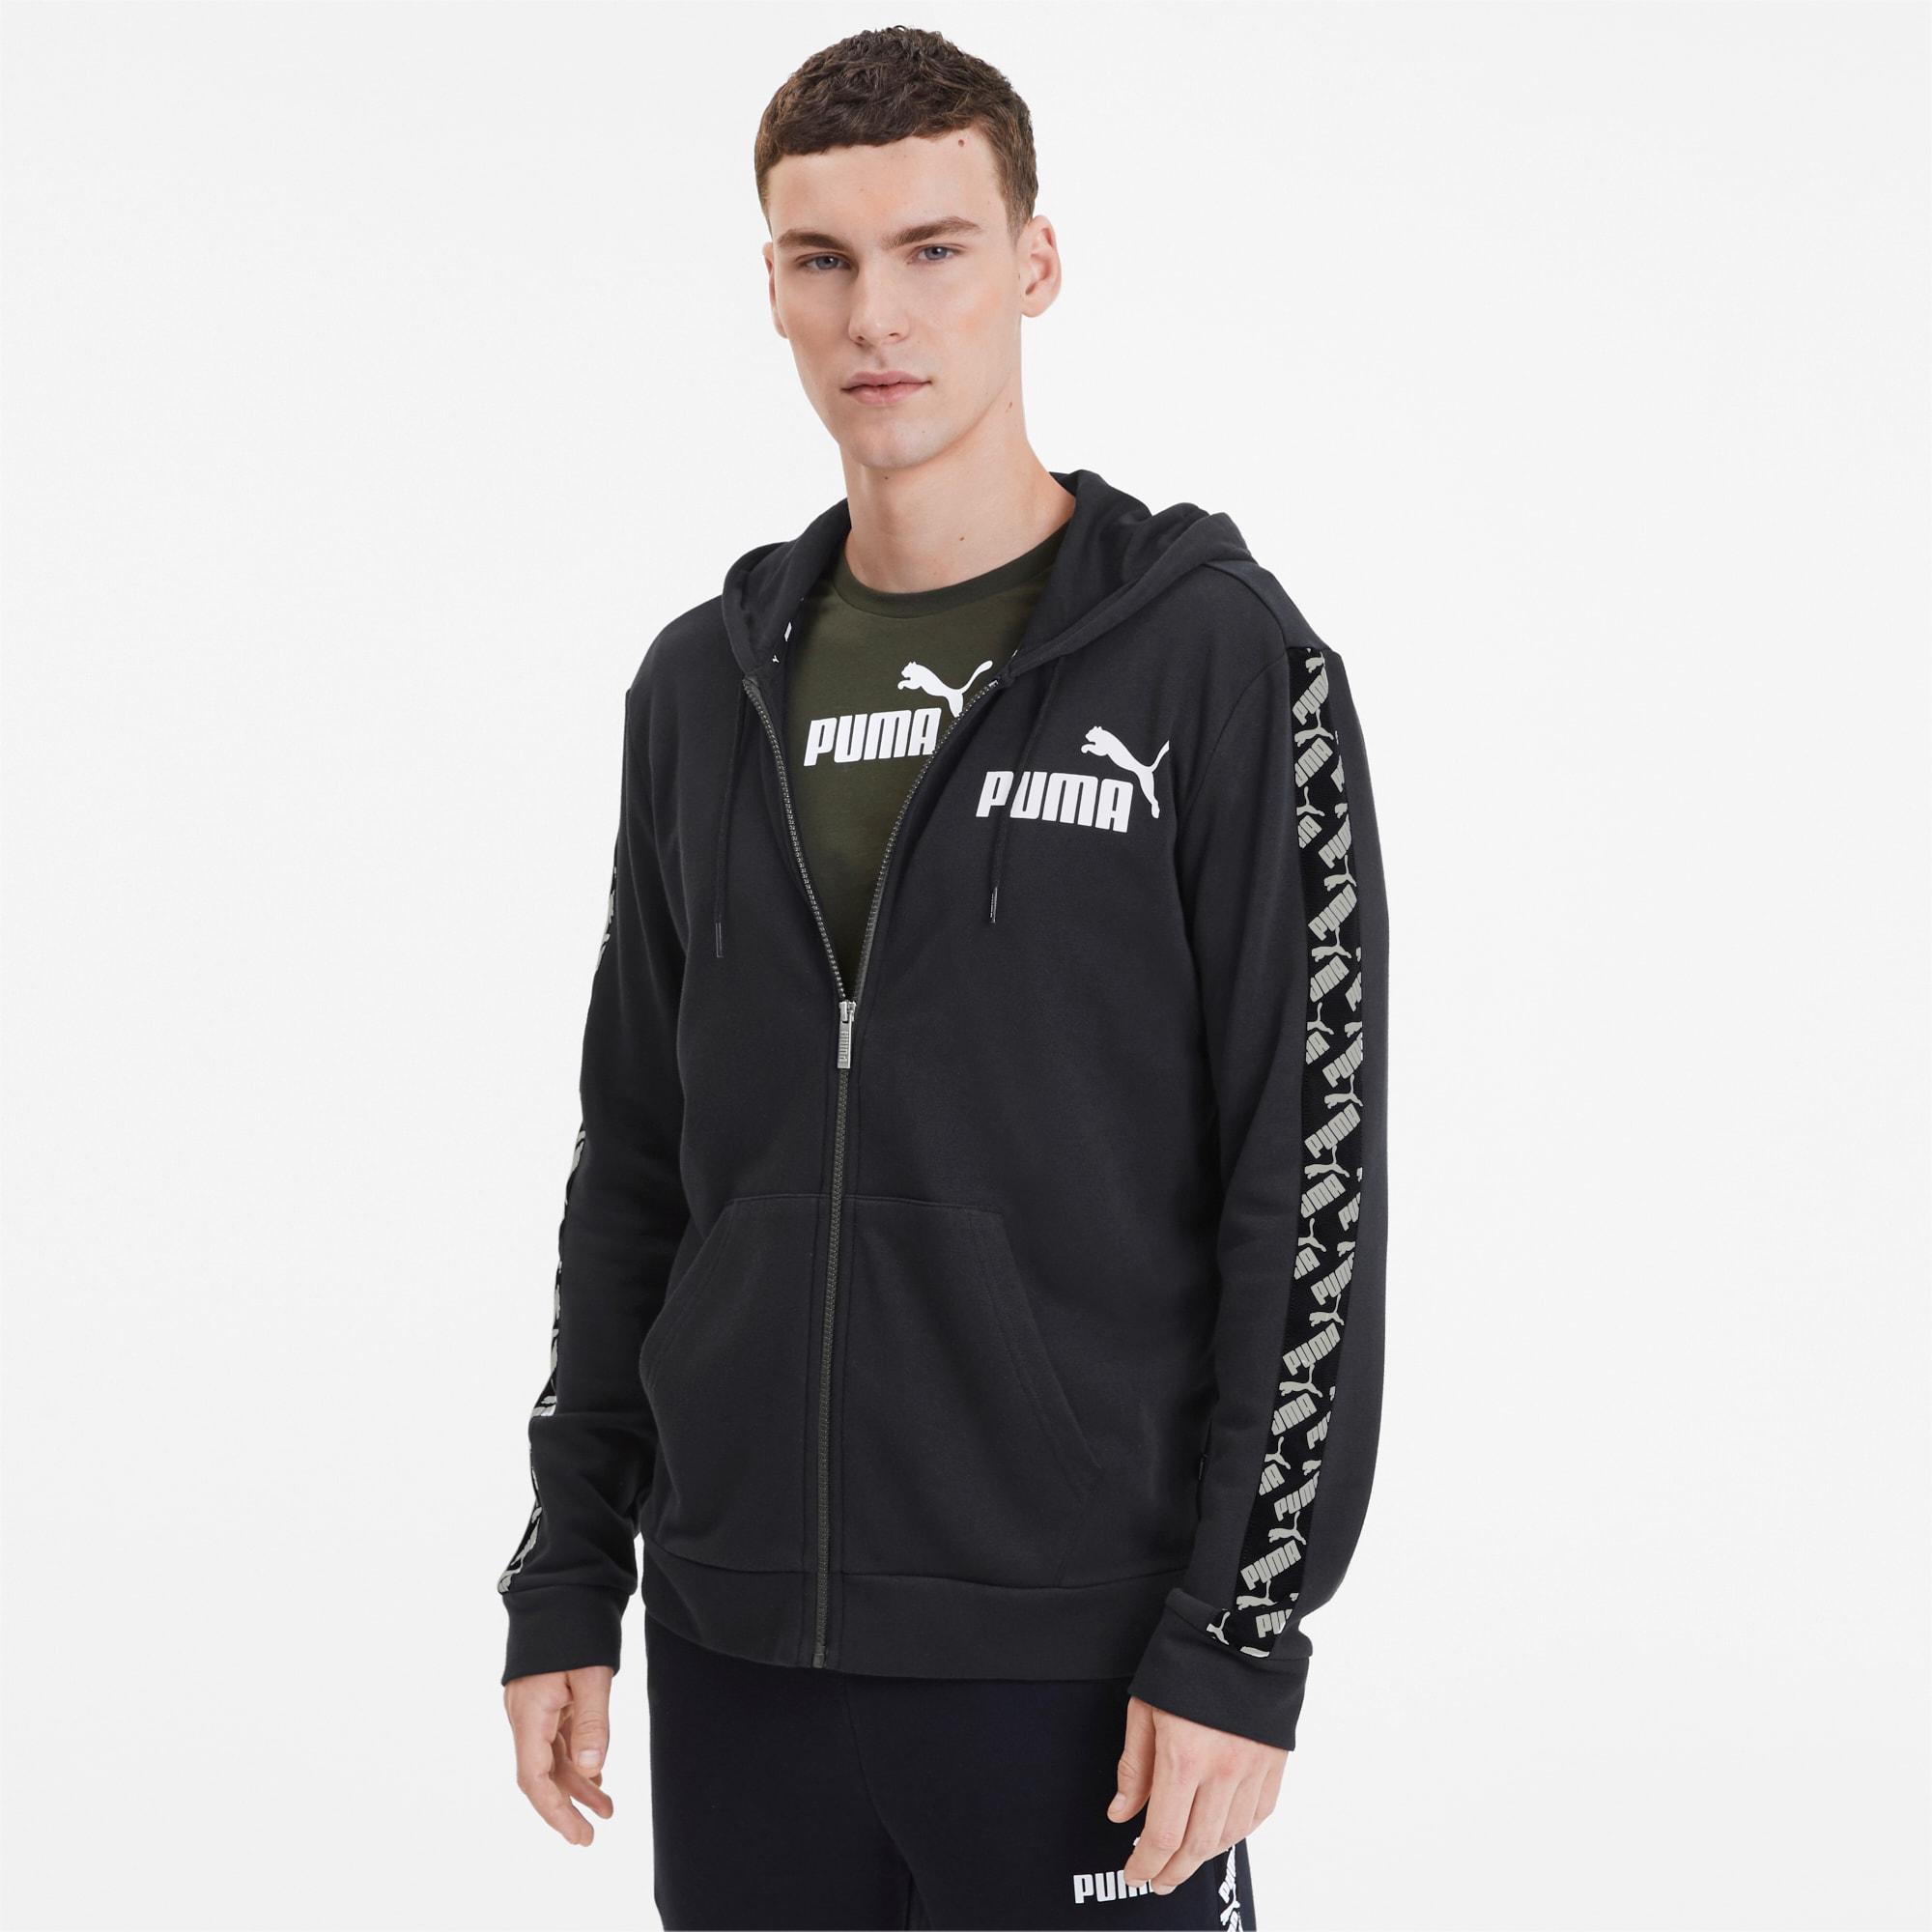 bluza fz hoodie puma selena gomez